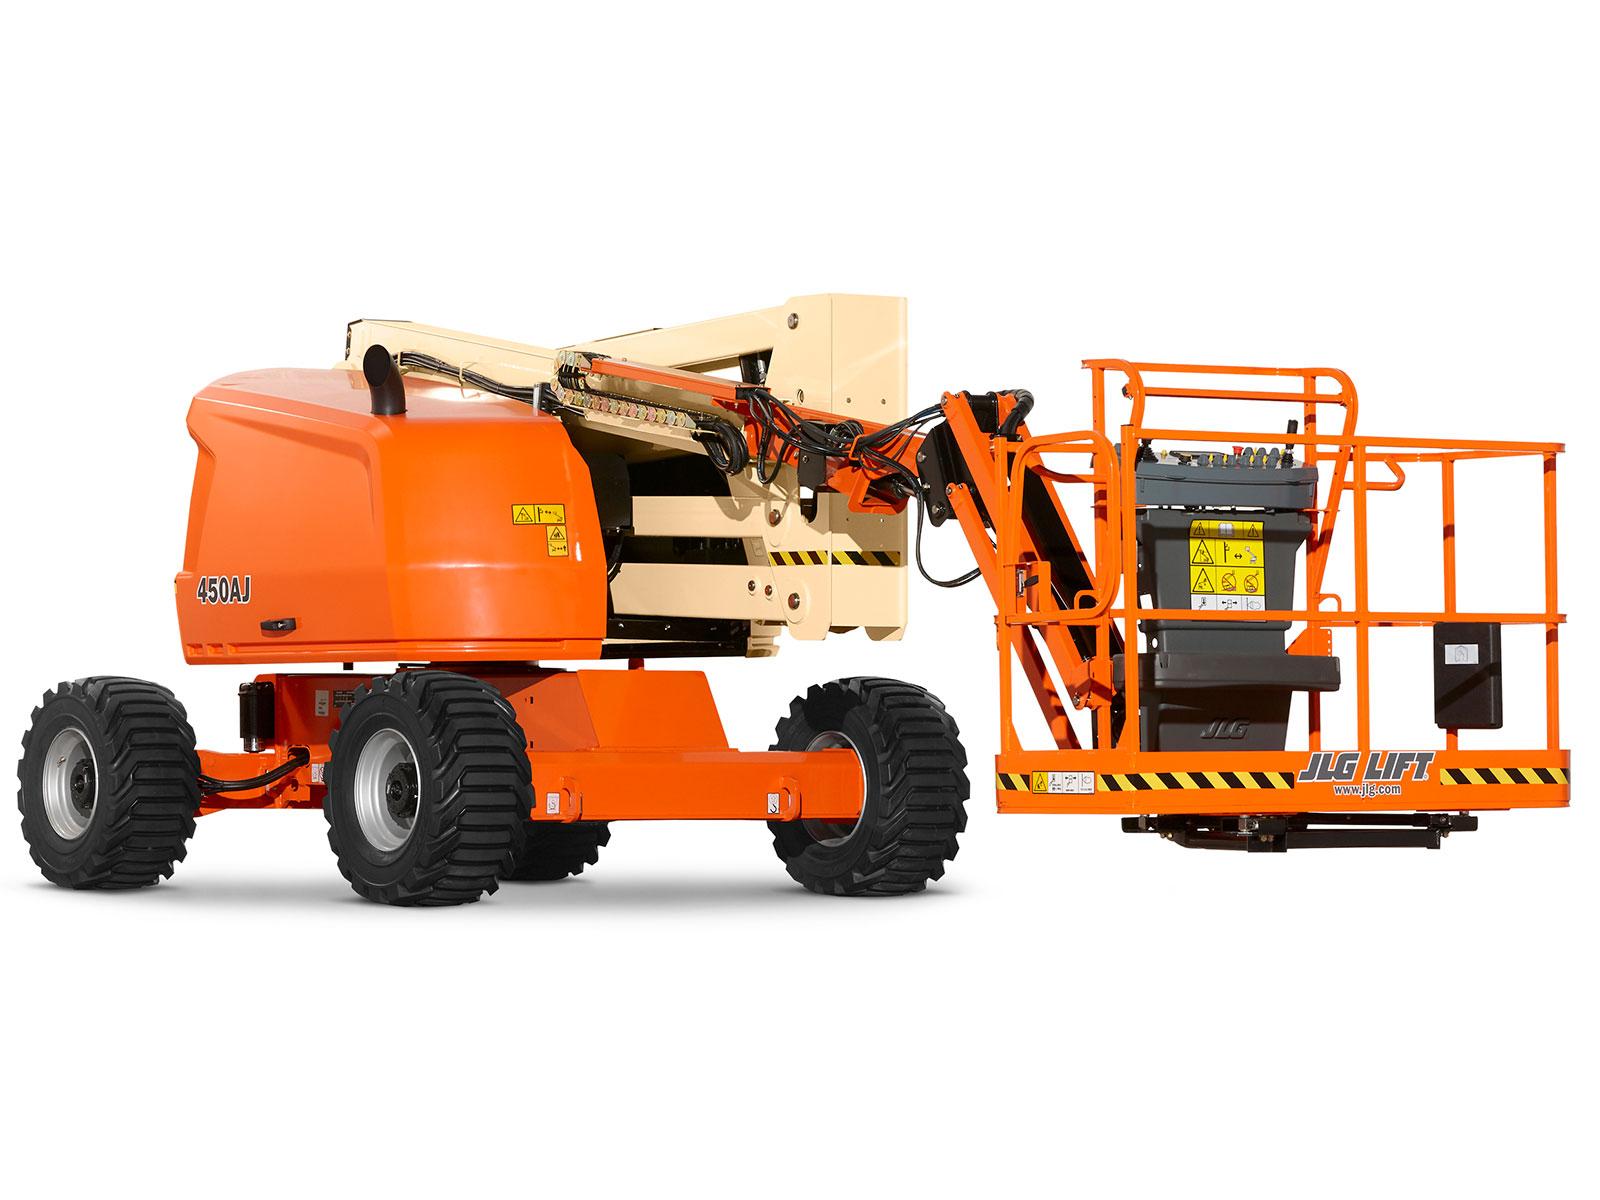 Hoogtewerker JLG450aj SeriesII